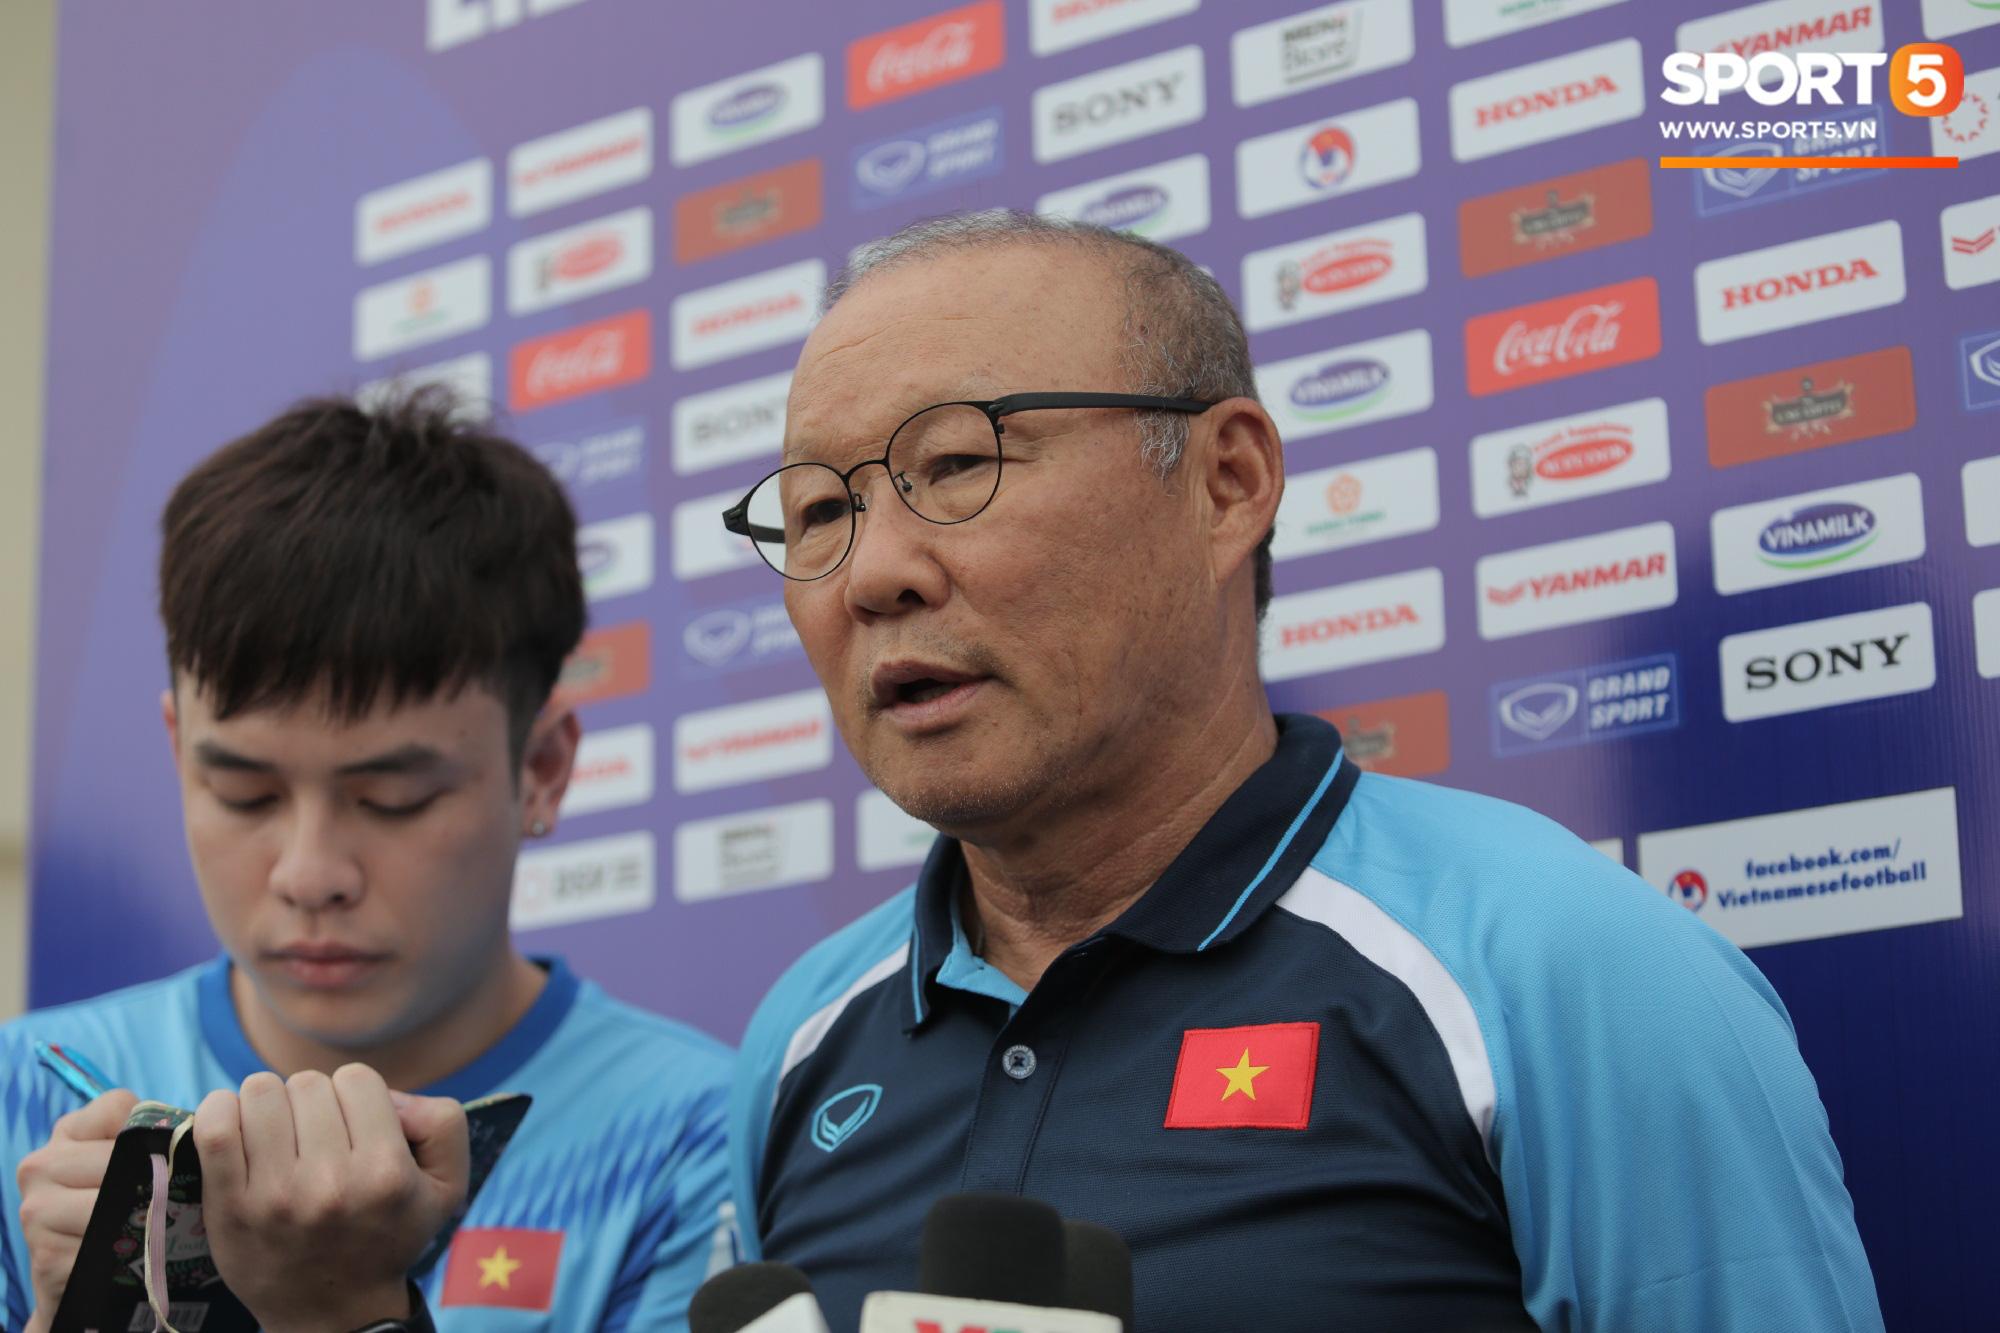 """HLV Park Hang-seo lo lắng: """"Không nhiều tuyển thủ Việt Nam trẻ có năng lực giỏi như lứa 1995, 1997"""" - Ảnh 1."""